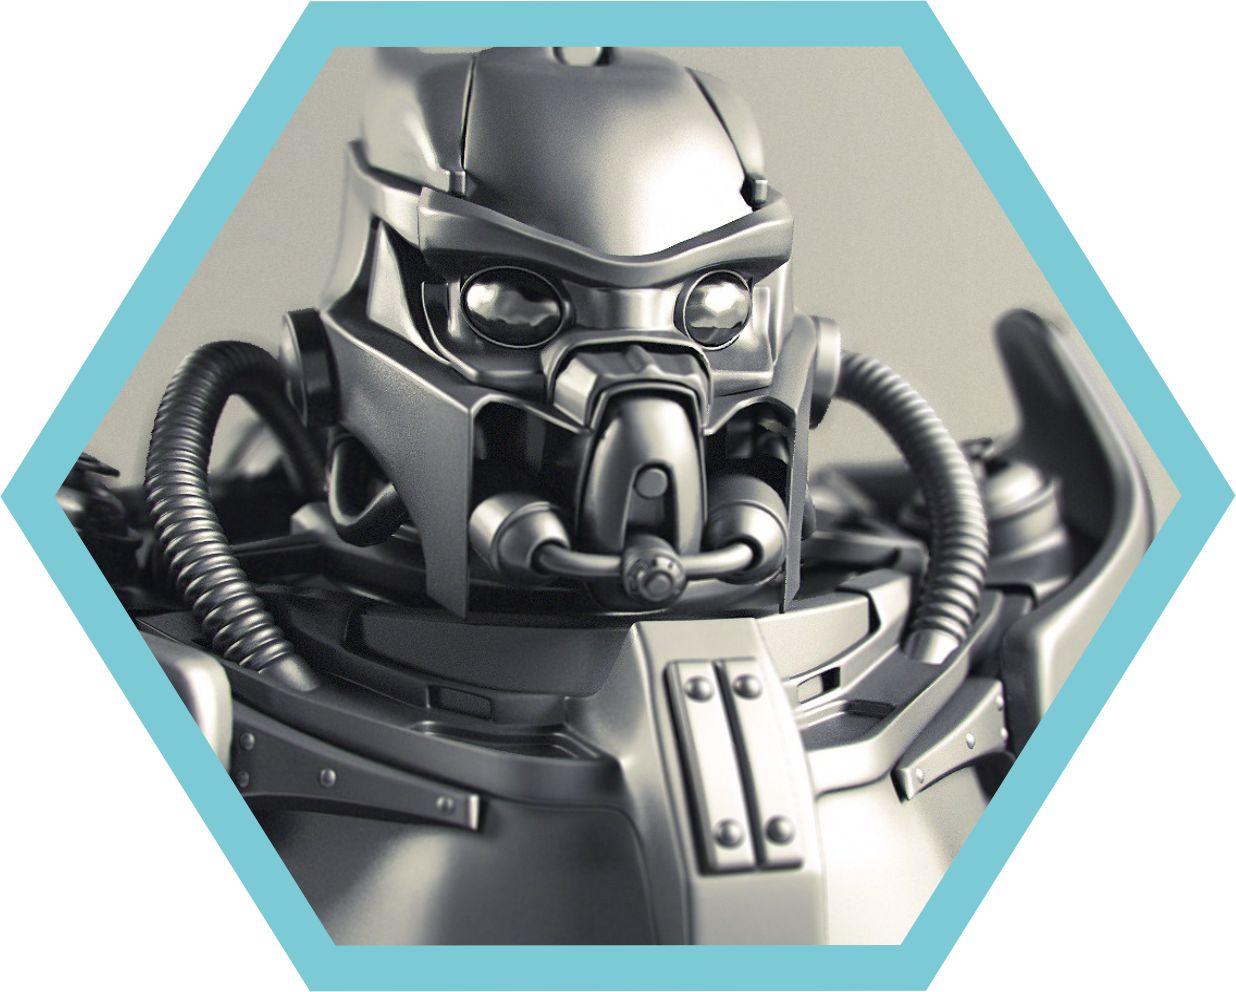 cyborgCard_Puzzard_AugmentedReality